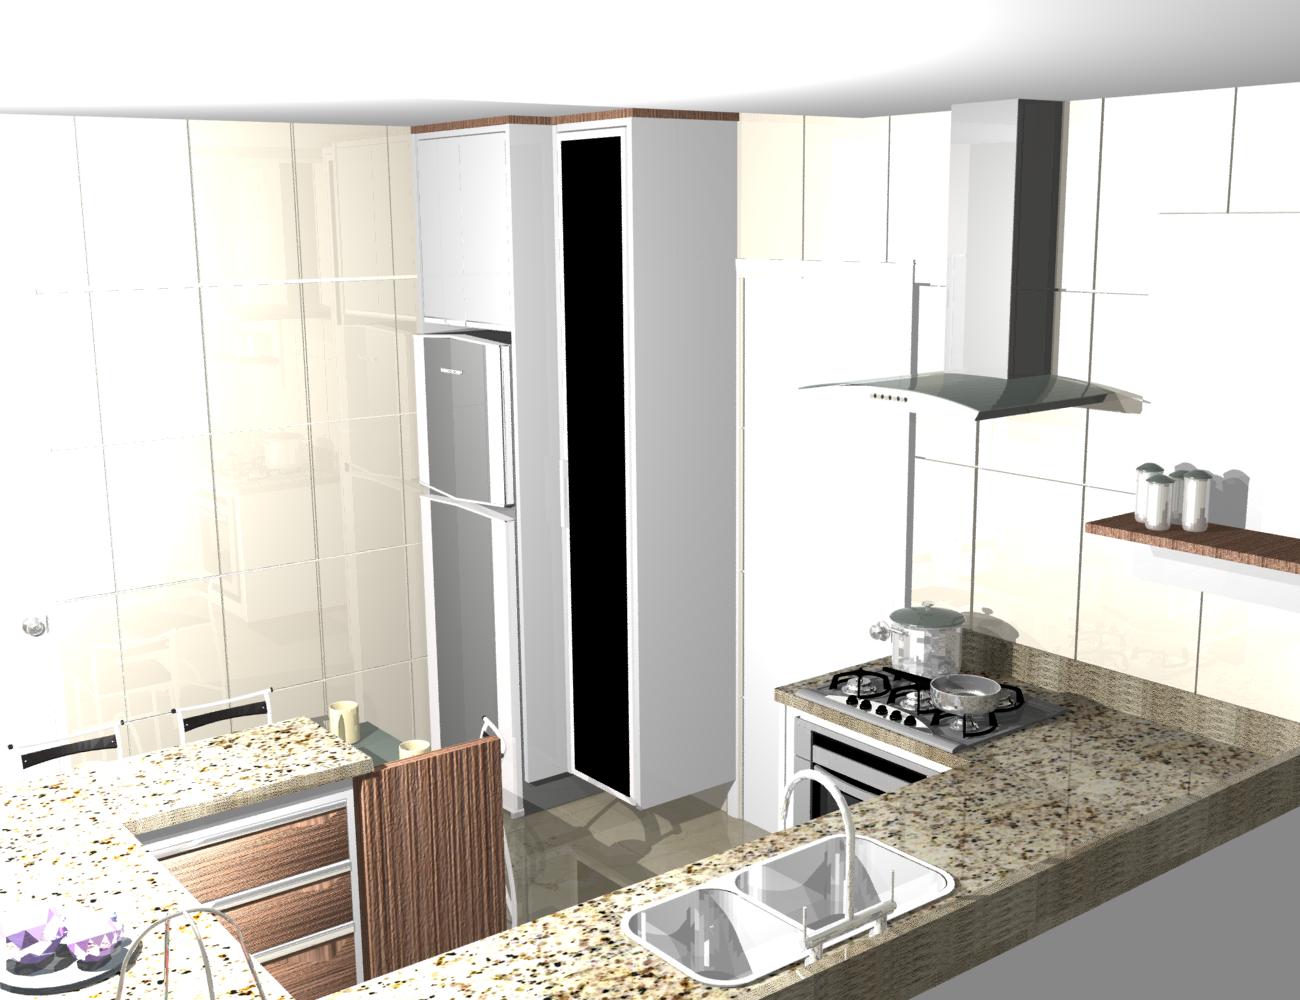 para cozinhas pias para cozinhas revestimento para cozinhas cozinhas #6E408B 1300 1000